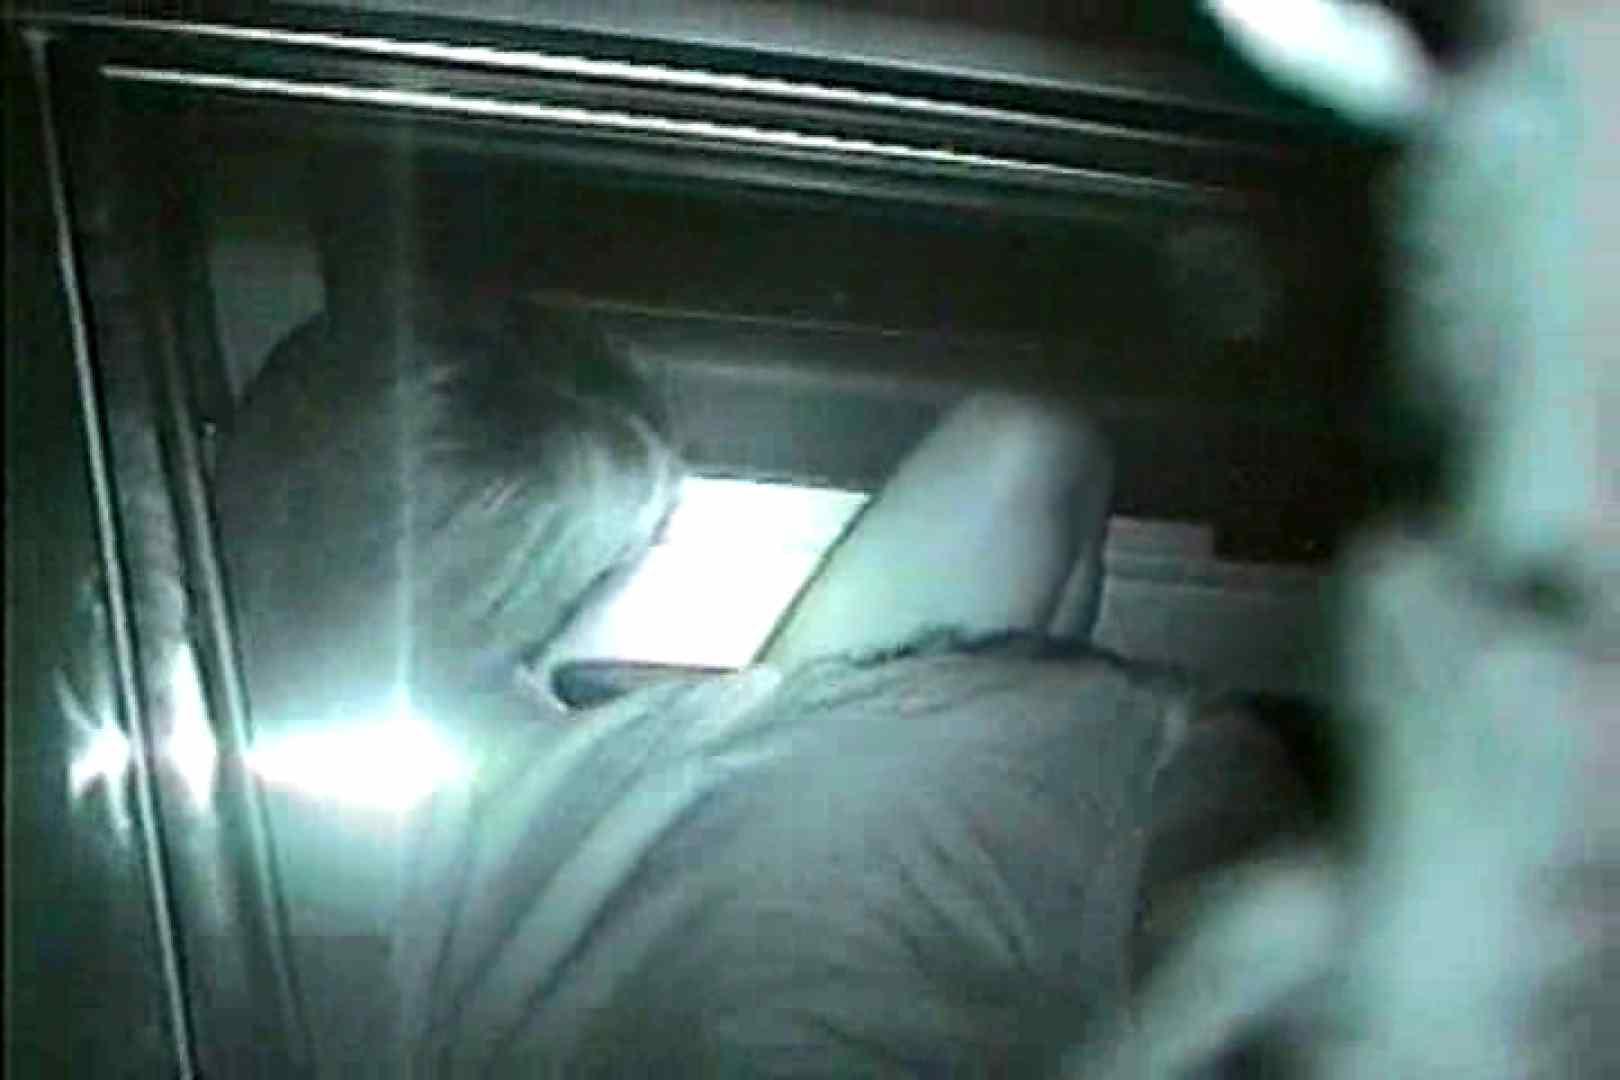 車の中はラブホテル 無修正版  Vol.6 エロティックなOL ワレメ無修正動画無料 89画像 2